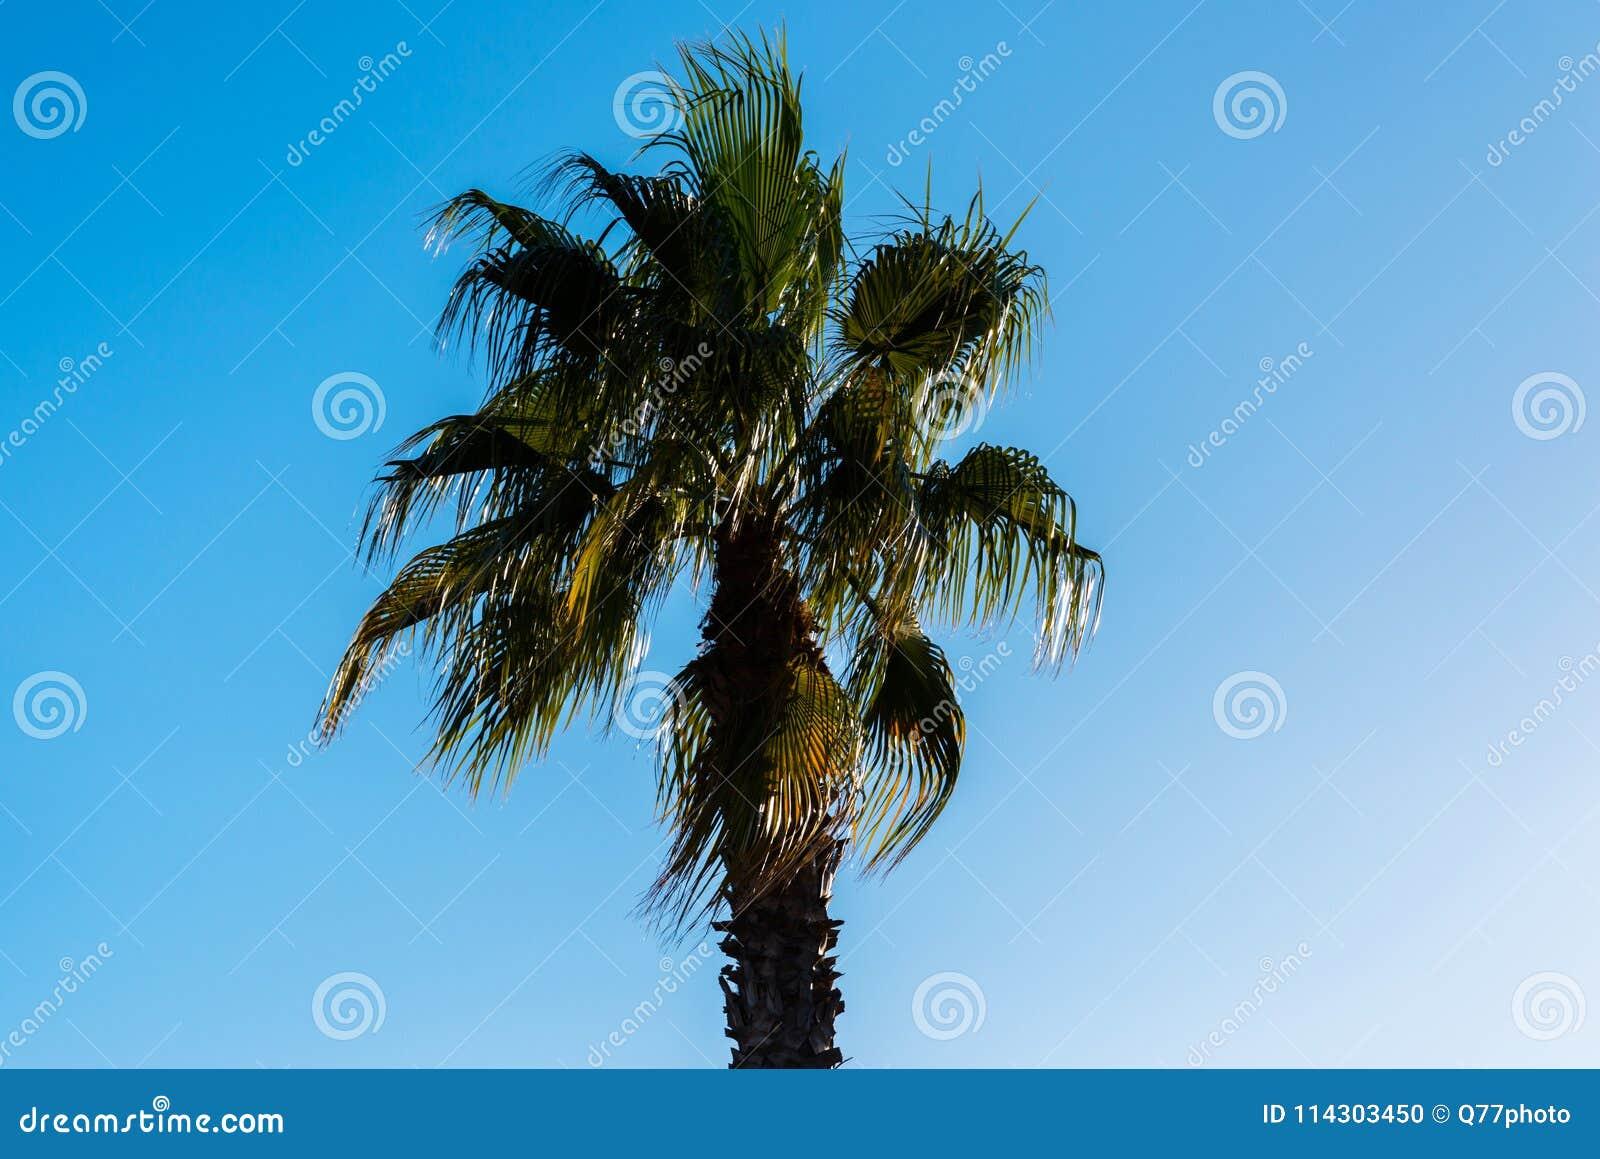 Mooie het uitspreiden palm, uitheemse gewassensymbool van vakantie,